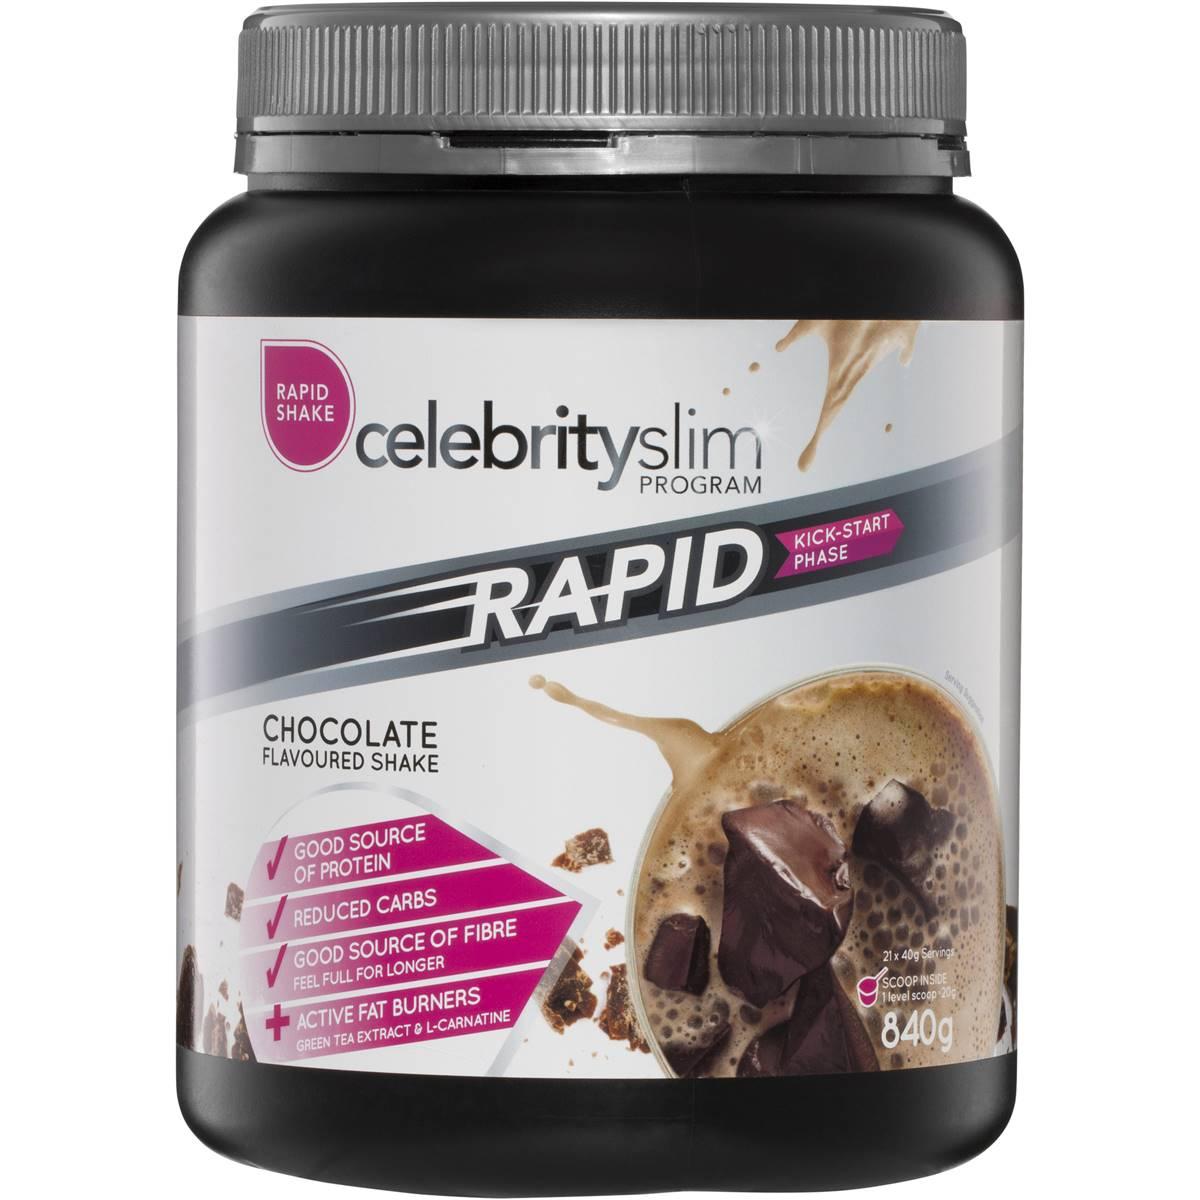 Celebrity slim rapid phase shake mix